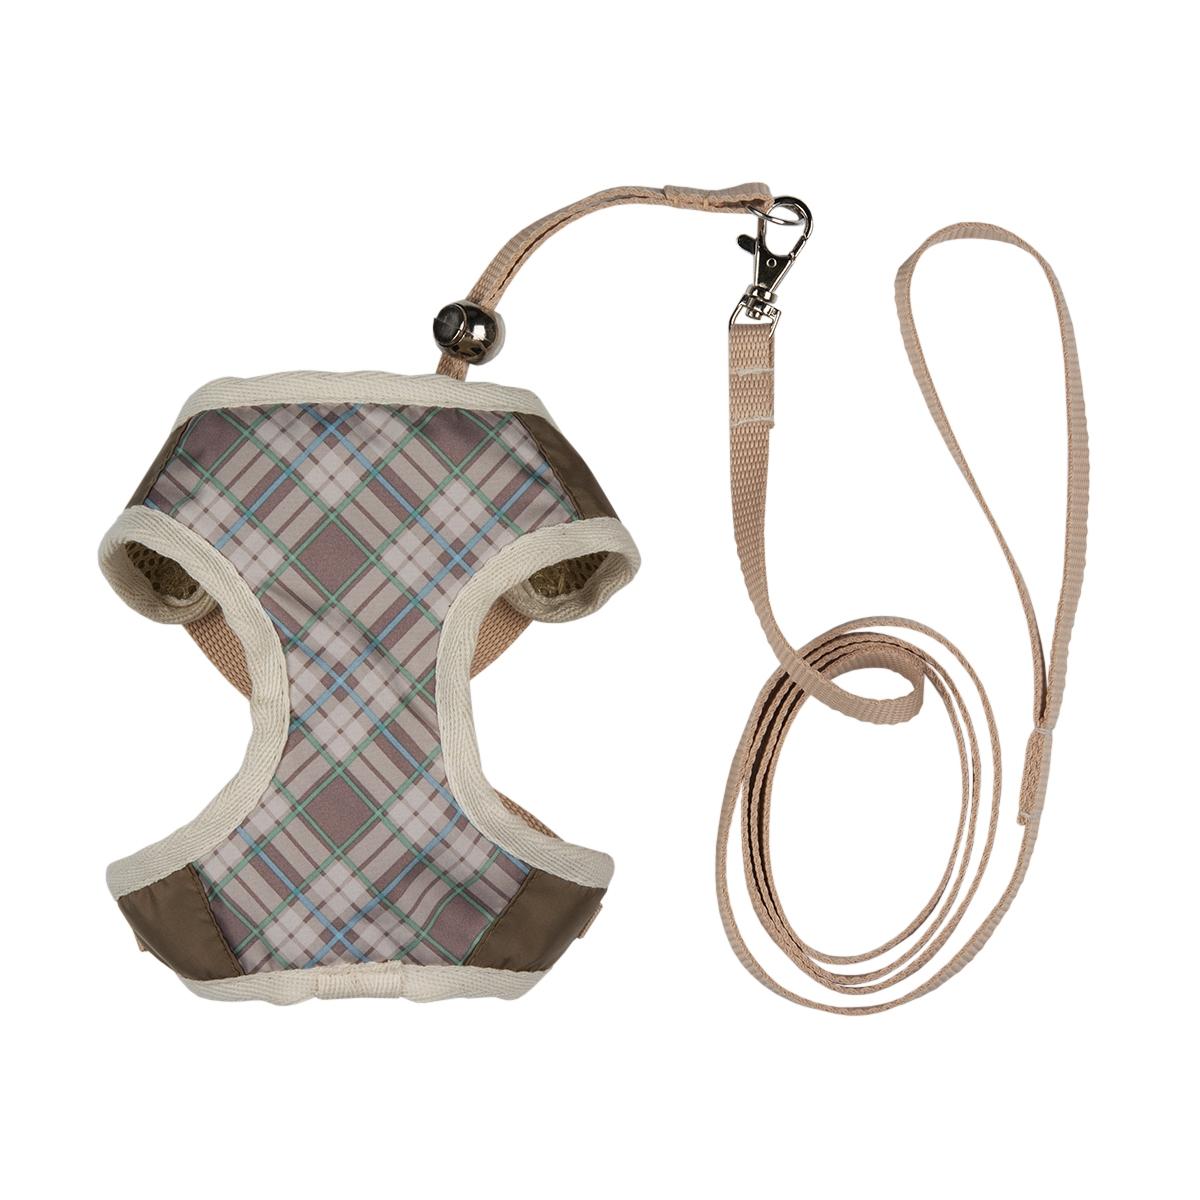 Шлейка для собак Dogmoda Ватсон, с поводком, цвет: бежевый, светло-коричневый. Размер 1 (S)DM-130064-1_бежевыйШлейка Dogmoda Ватсон - это идеальная шлейка для маленьких собак, которая позволит вам контролировать поведение питомца во время прогулки, не стесняя его движений. Изделие выполнено таким образом, чтобы ткань нигде не давила животному, не натирала и не приносила болезненных ощущений. Шлейка выполнена из водоотталкивающего полиэстера. Она приятна на ощупь, легко стирается, не линяя и не теряя изначальную форму. Шлейка - это альтернатива ошейнику. Правильно подобранная шлейка не стесняет движения питомца, не натирает кожу, поэтому животное чувствует себя в ней уверенно и комфортно. Длина спины: 20 см. Обхват груди: 33 см. Обхват шеи: 21 см.